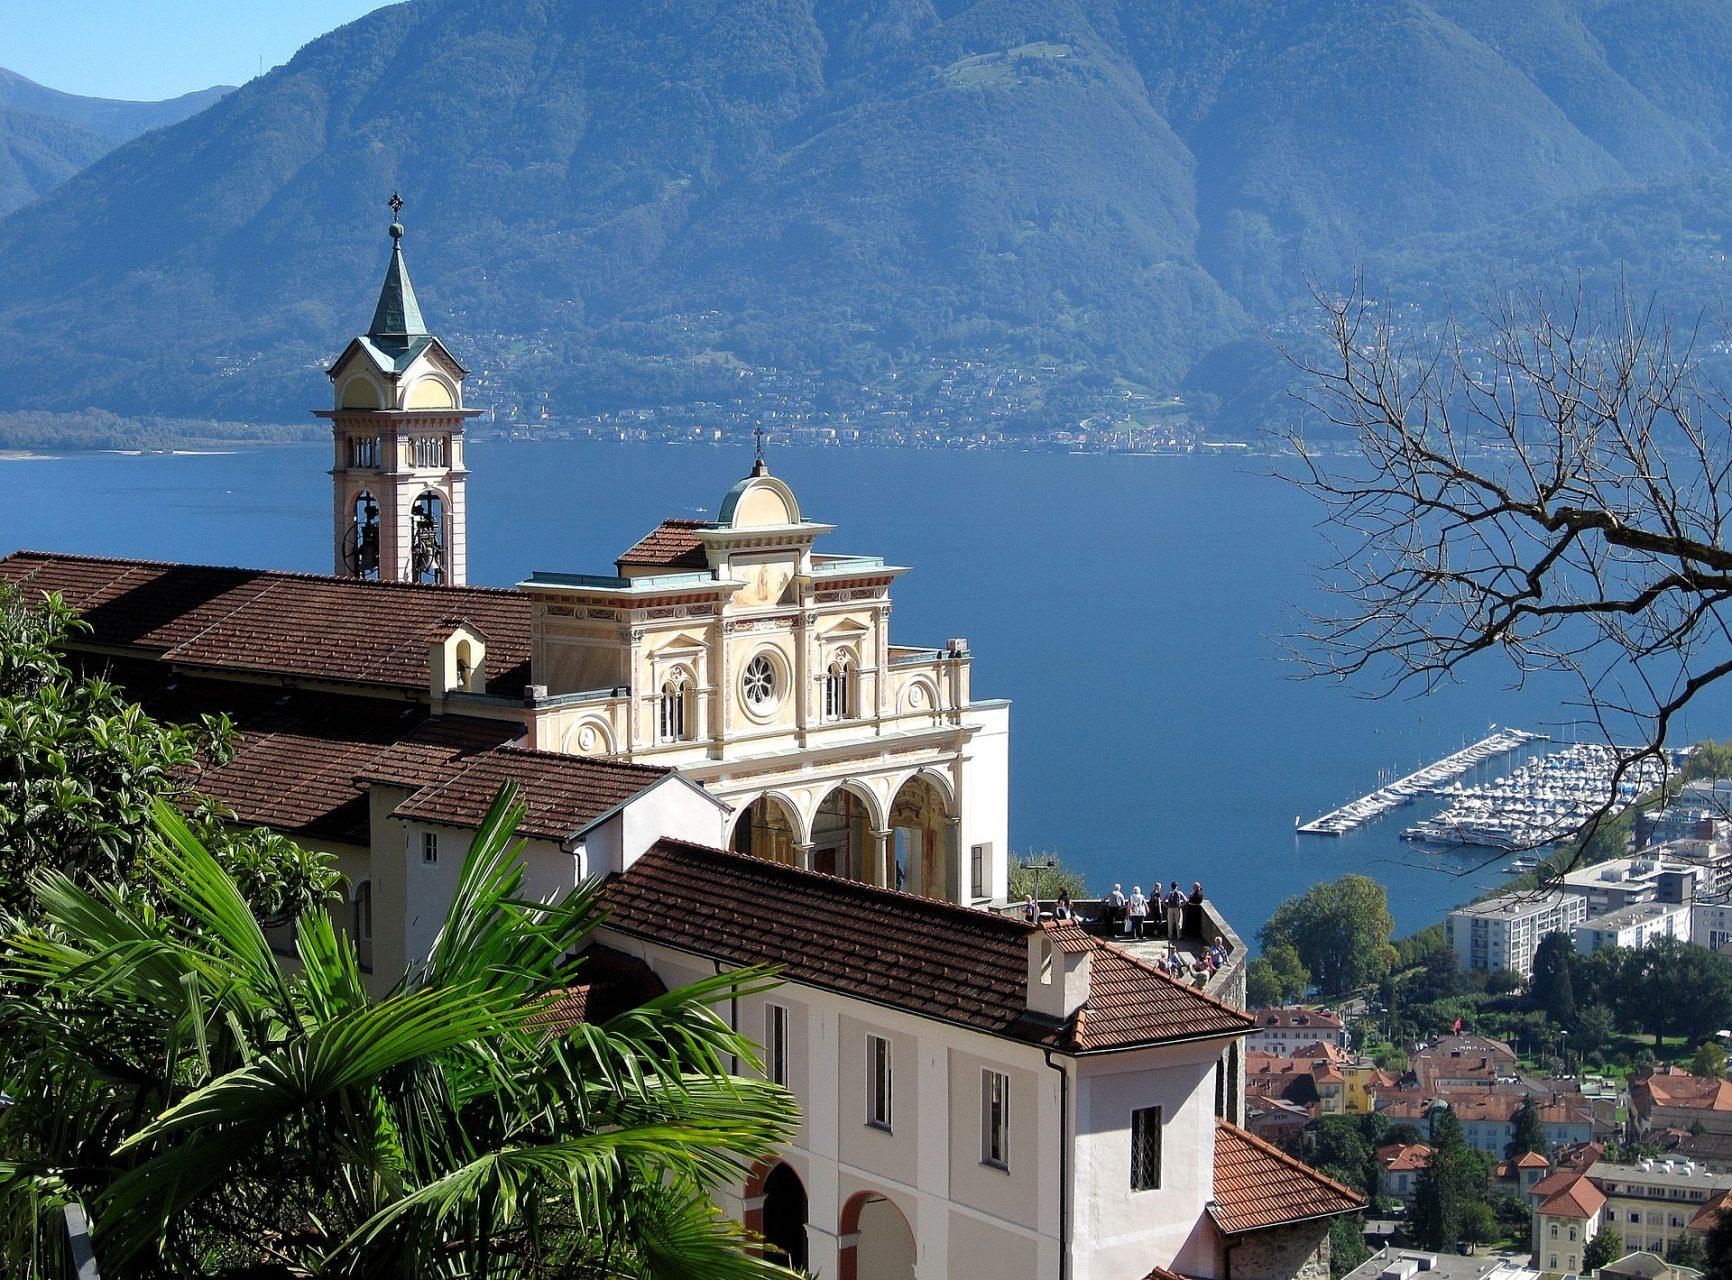 Tessin Locarno Lago Maggiore